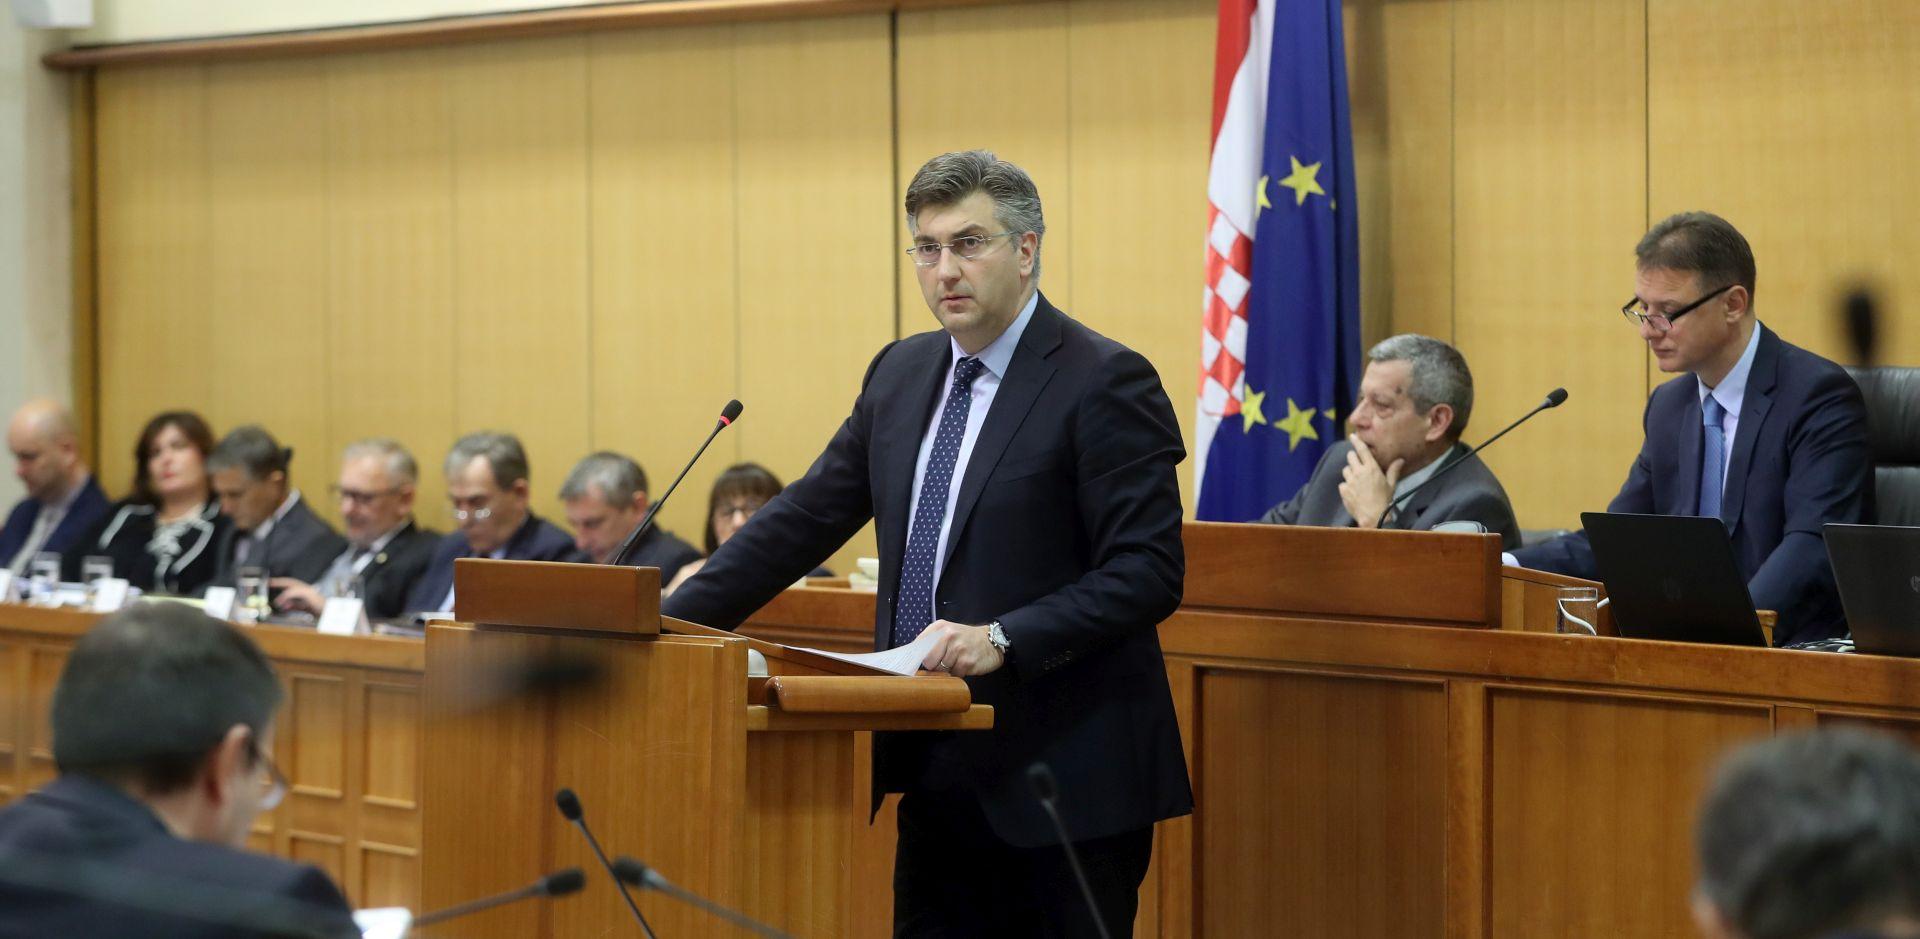 PLENKOVIĆ PREDSTAVIO PRORAČUN 'Brže približavanje standardu života u drugim članicama EU'